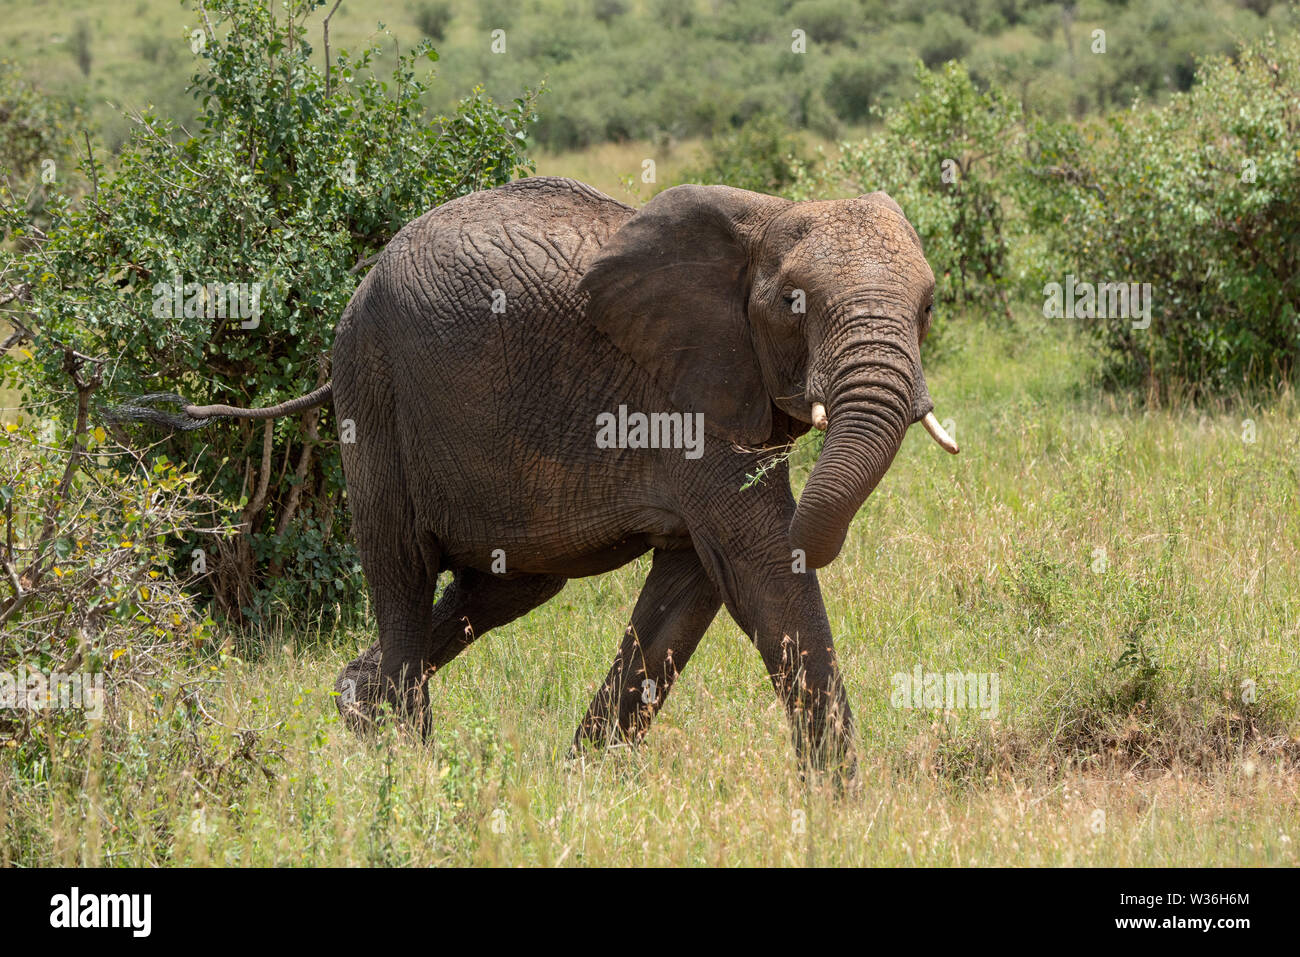 African elephant walks through bushes swinging trunk - Stock Image